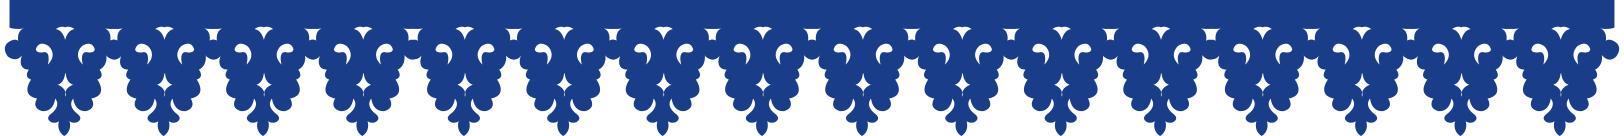 Antiquités Éric de Brégeot, frise